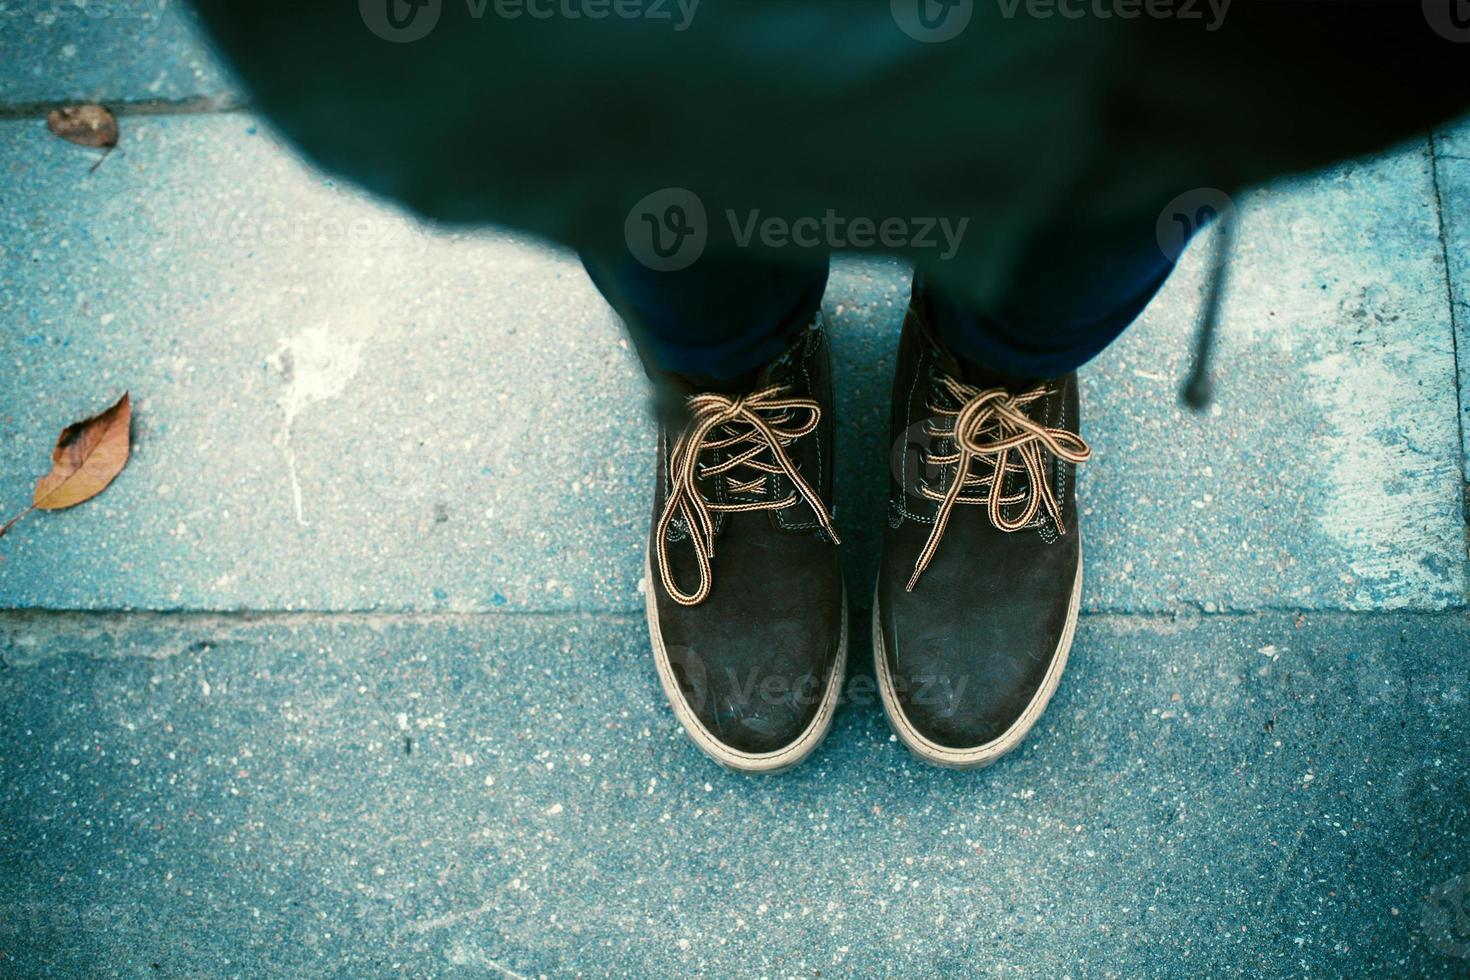 par de botas no chão foto